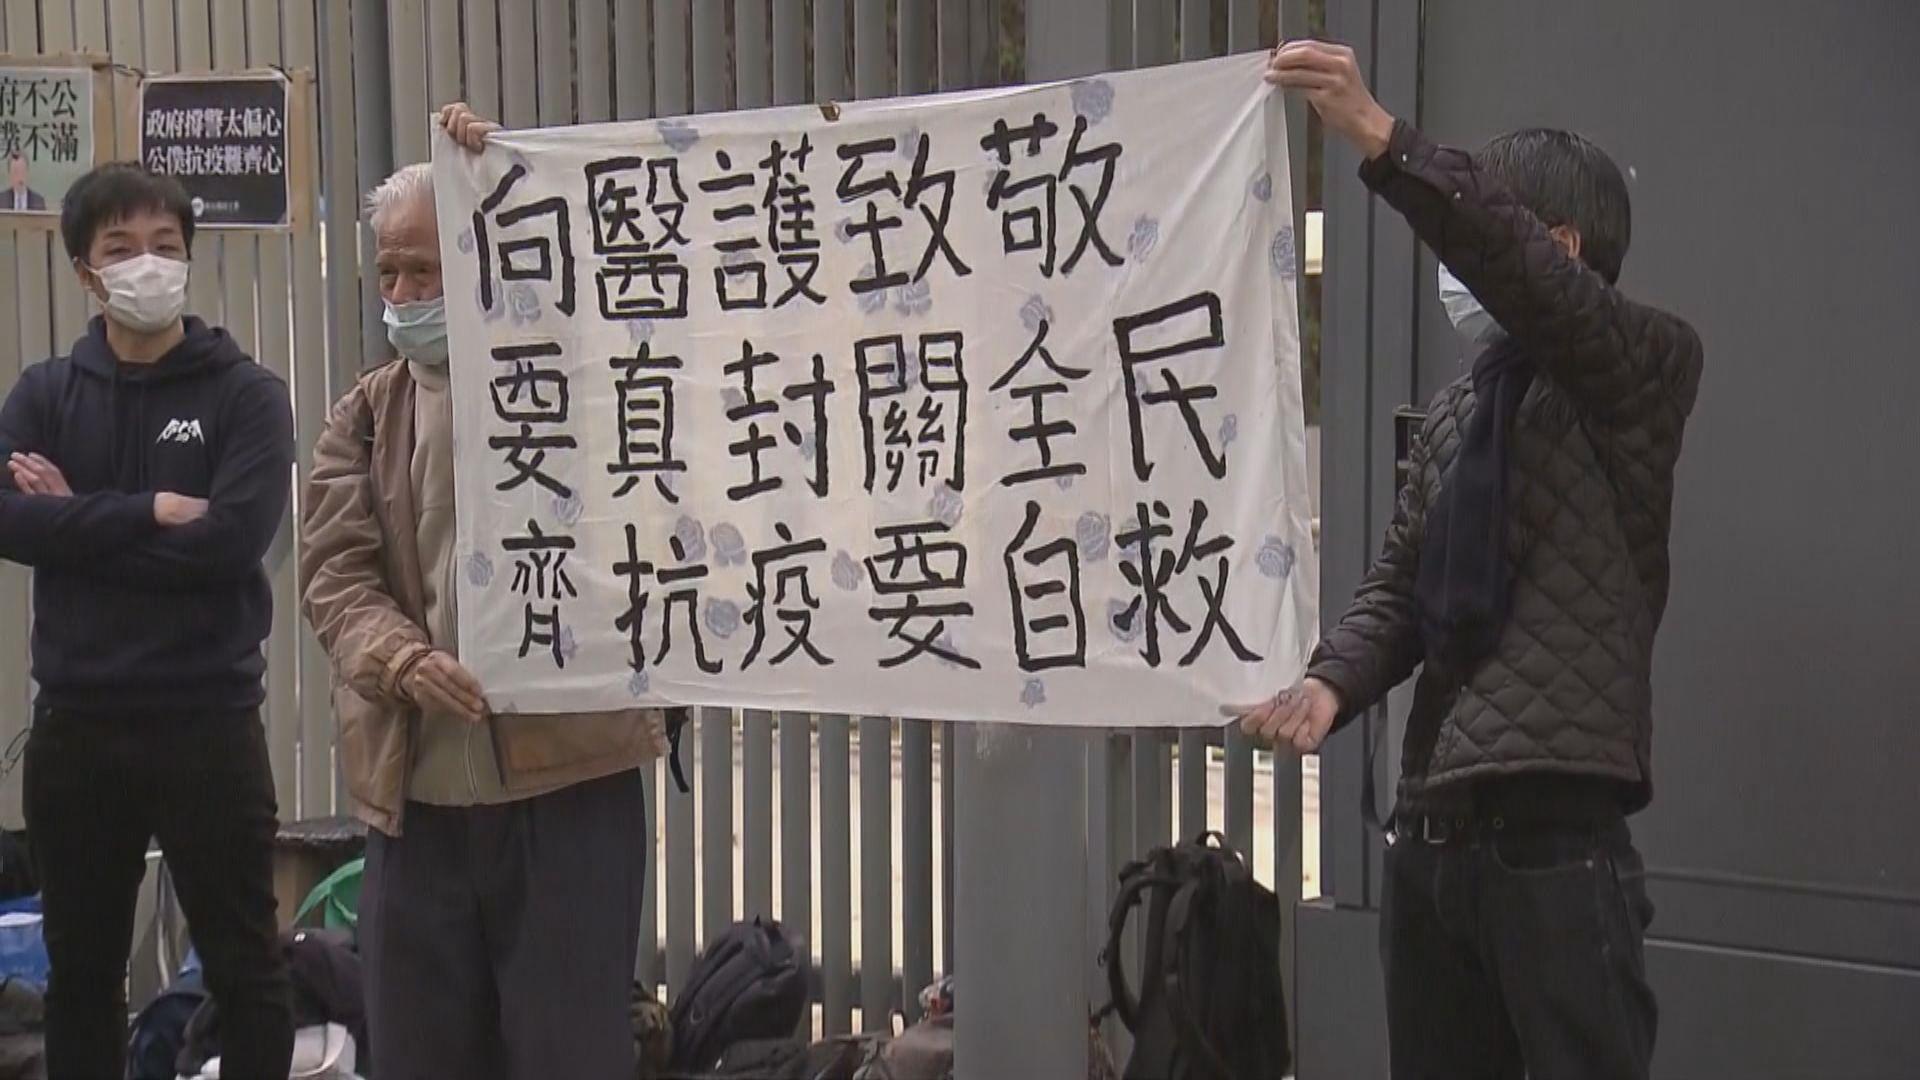 新公務員工會集會 不滿政府防疫措施